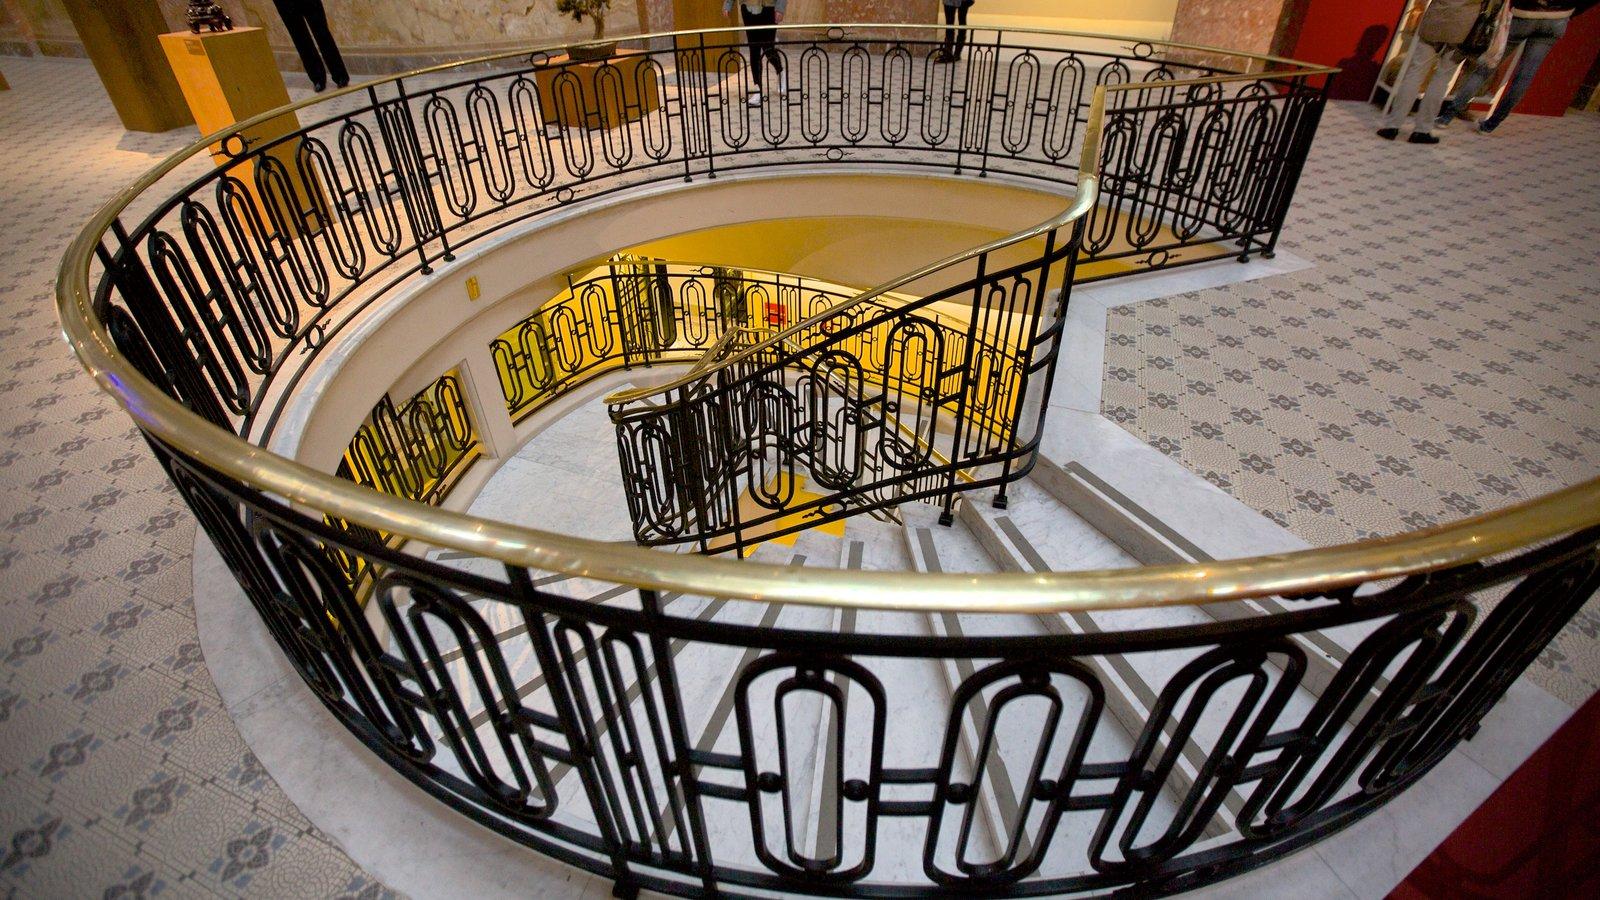 Santander Cultural mostrando vistas internas e arquitetura moderna